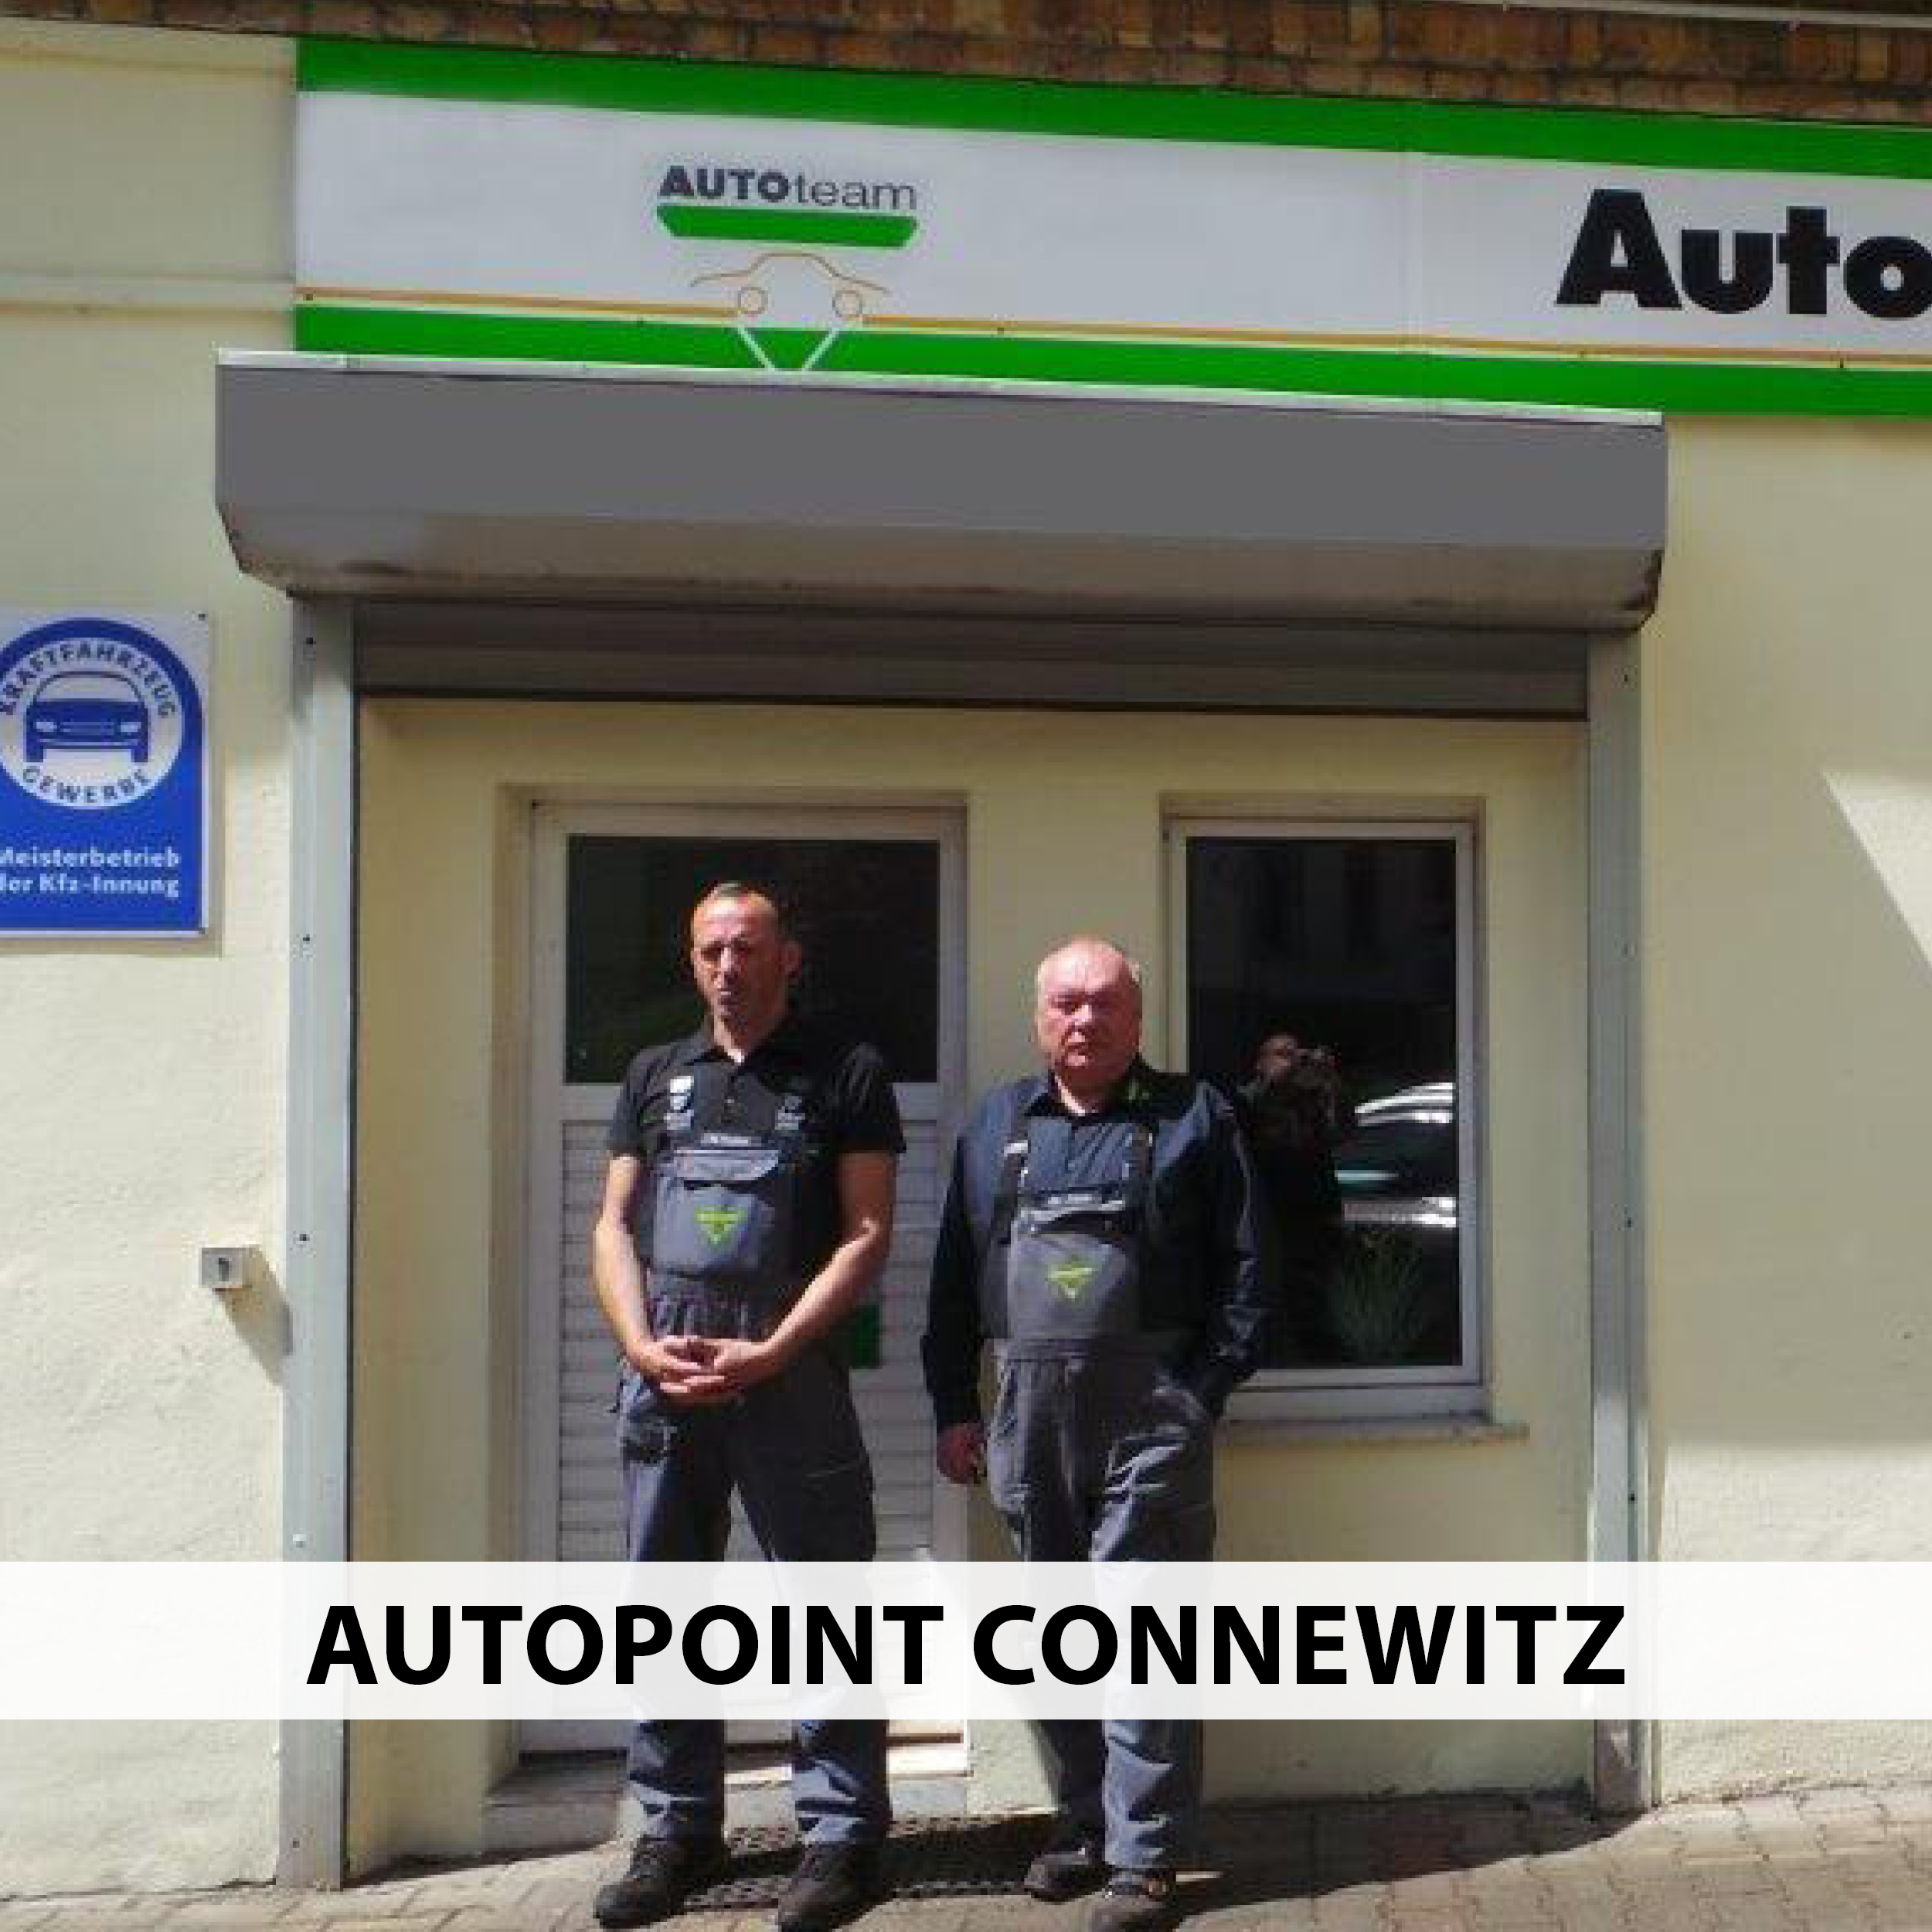 Autopoint Connewitz